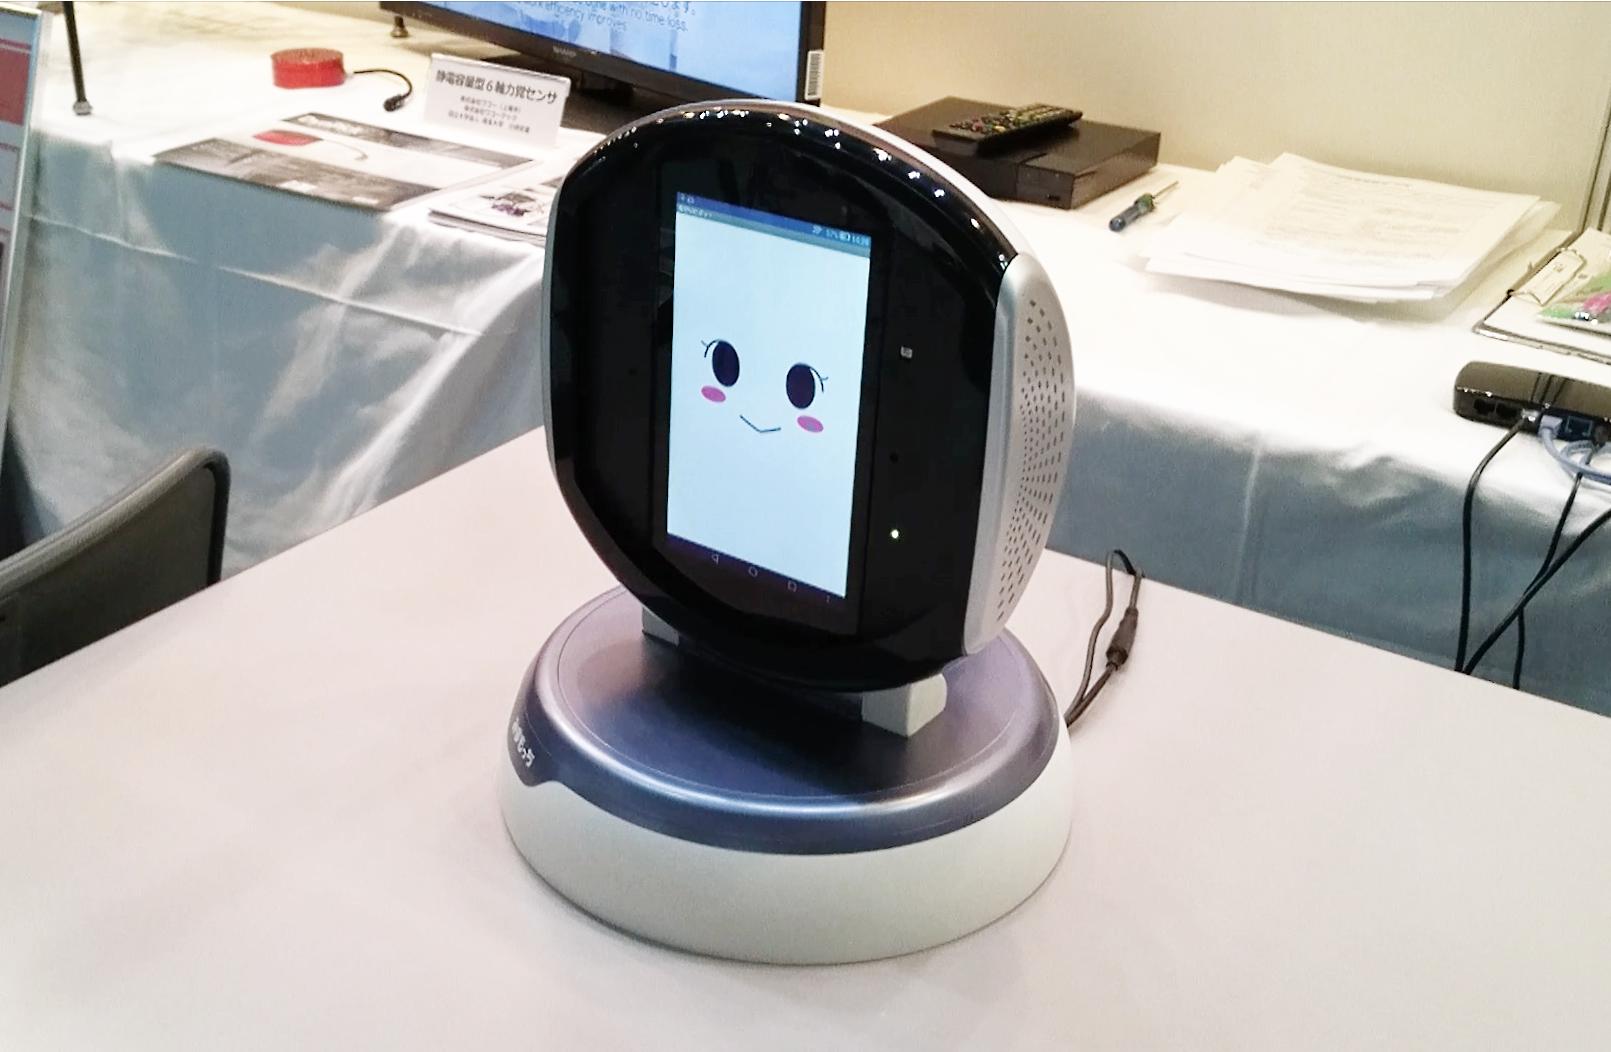 介護施設向け見守りロボット